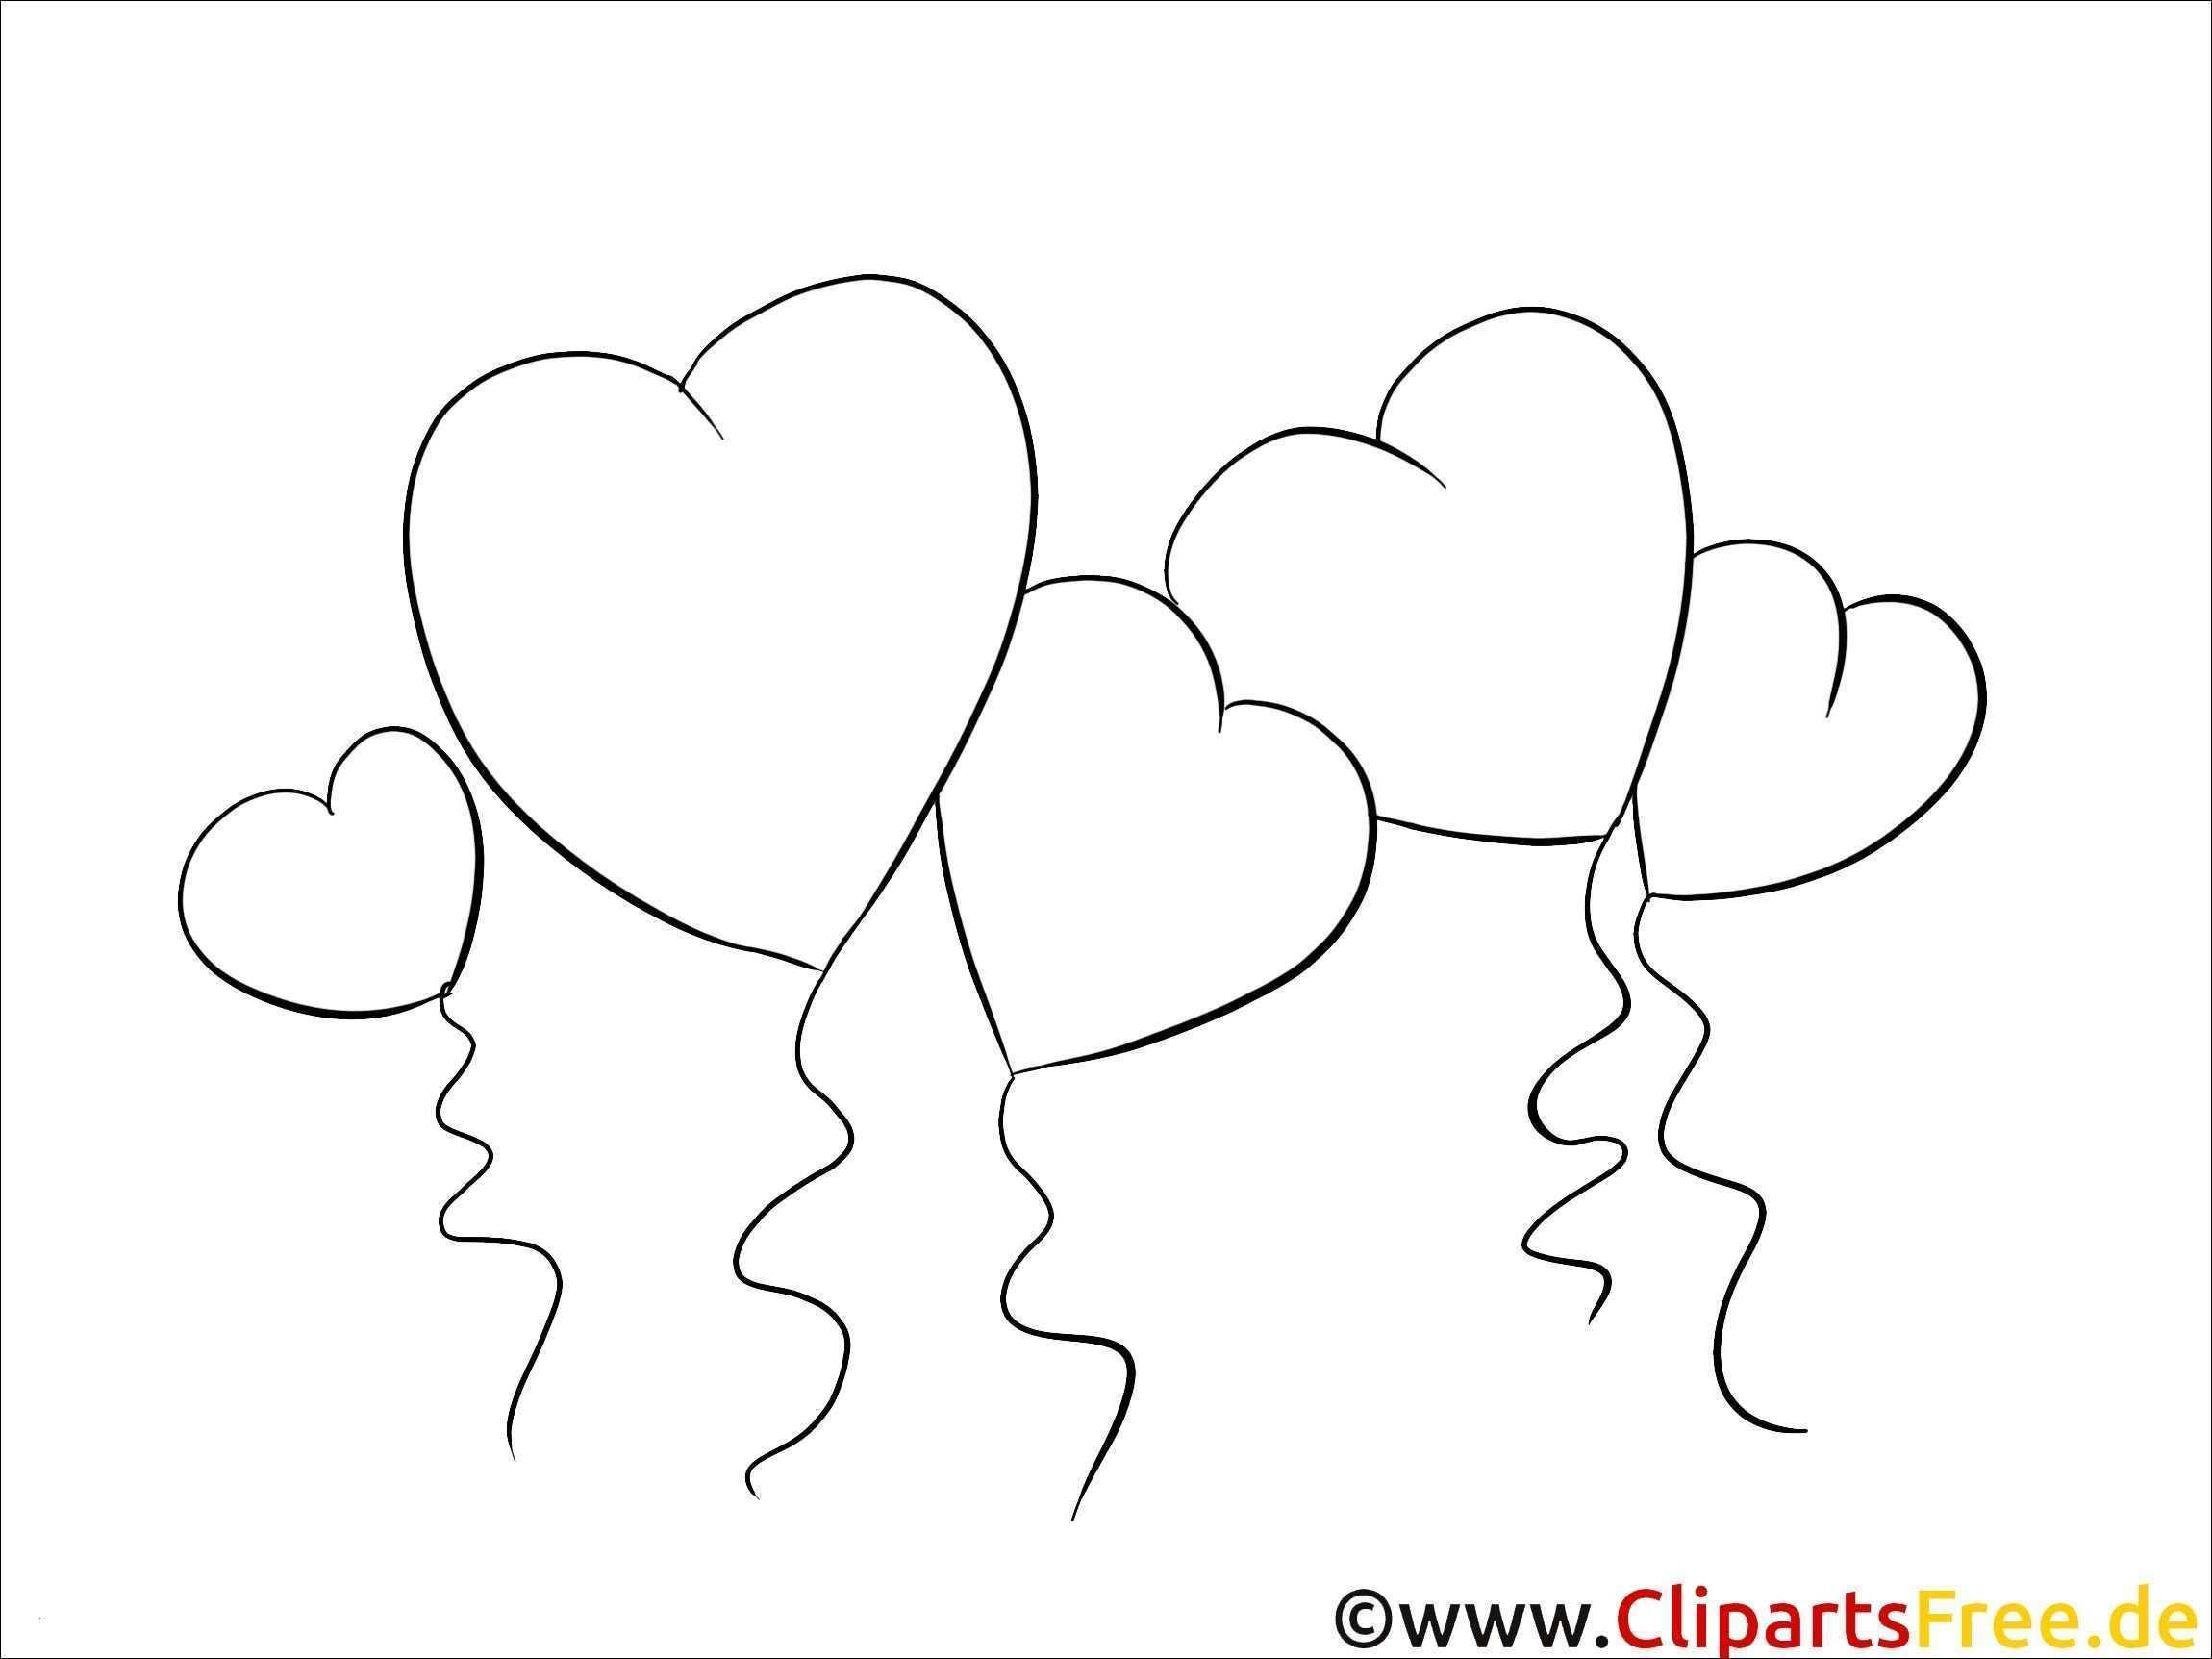 Ausmalbilder Rosen Mit Herz Neu Ausmalbilder Rosen Mit Herz Vorstellung Herz Malvorlagen Frisch Sammlung